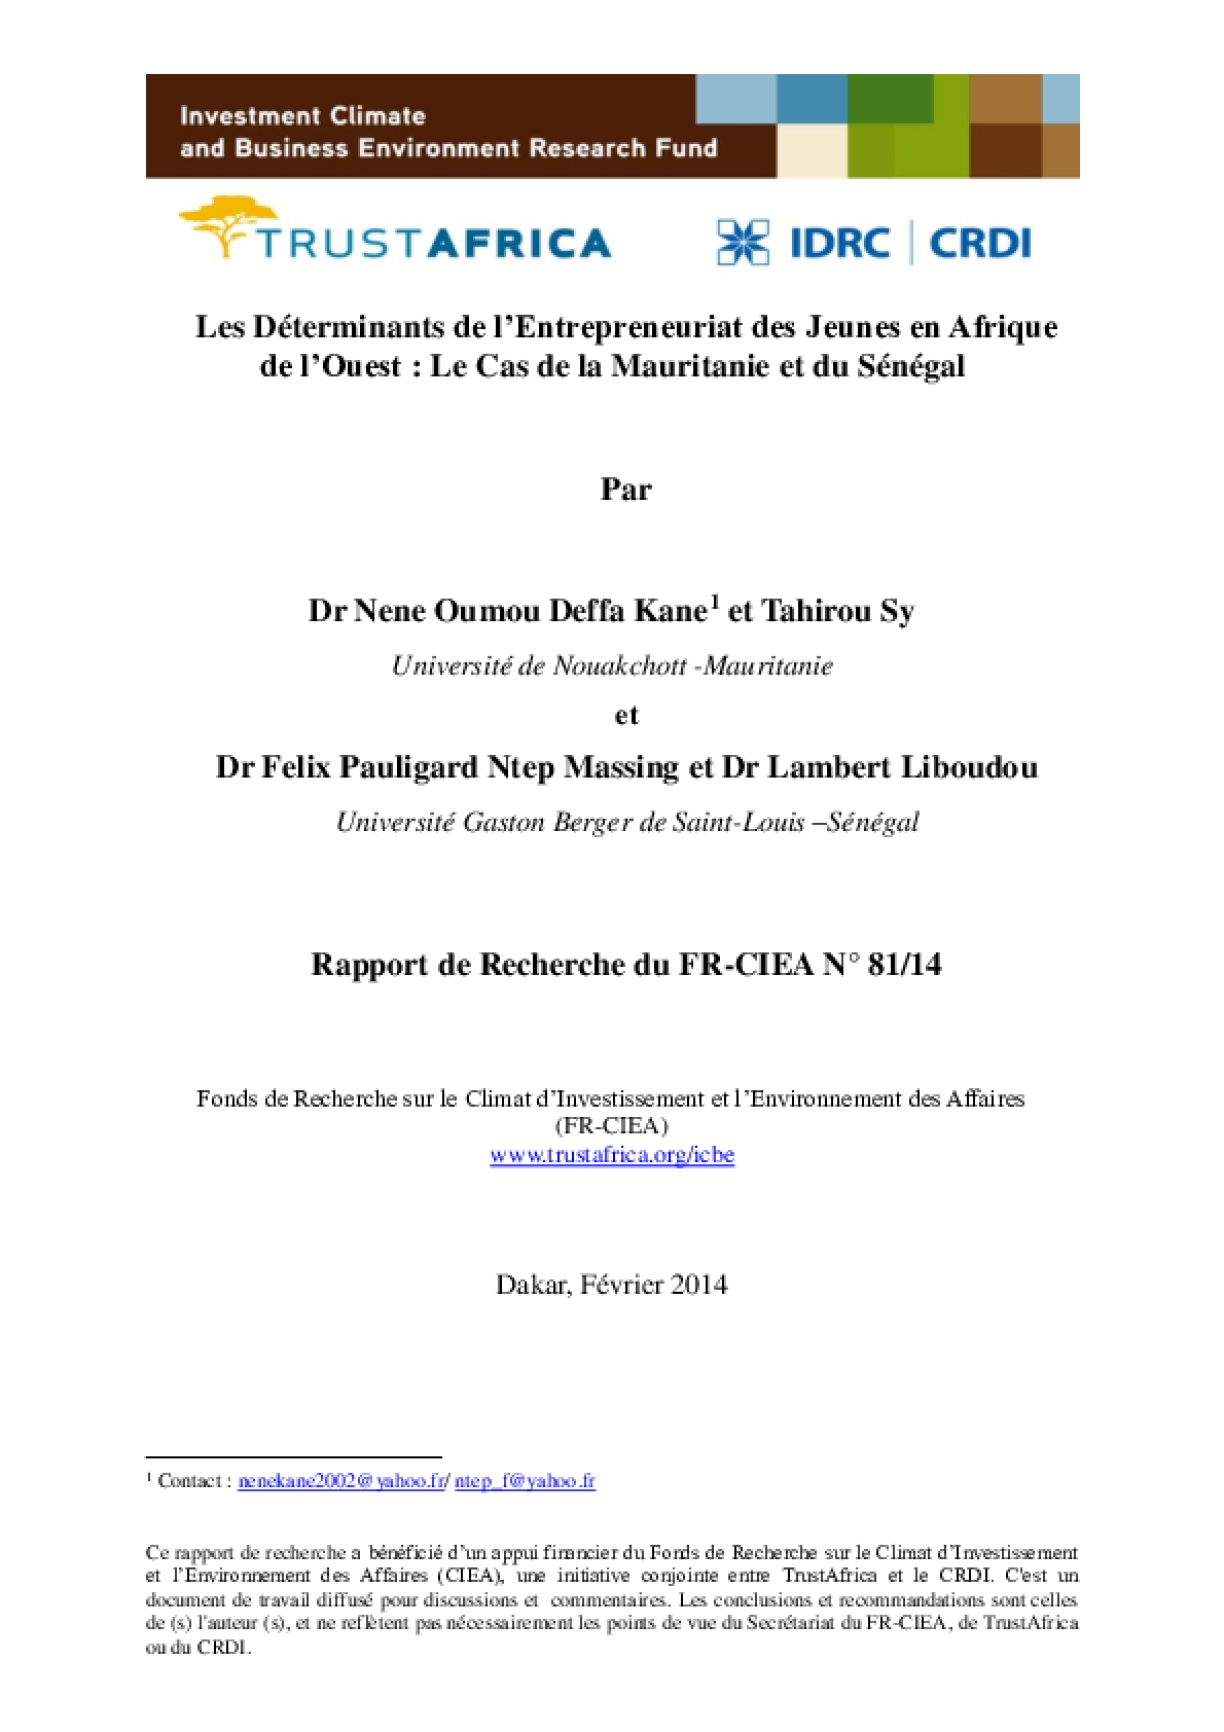 Les Déterminants de l'Entrepreneuriat des Jeunes en Afrique de l'Ouest : Le Cas de la Mauritanie et du Sénégal